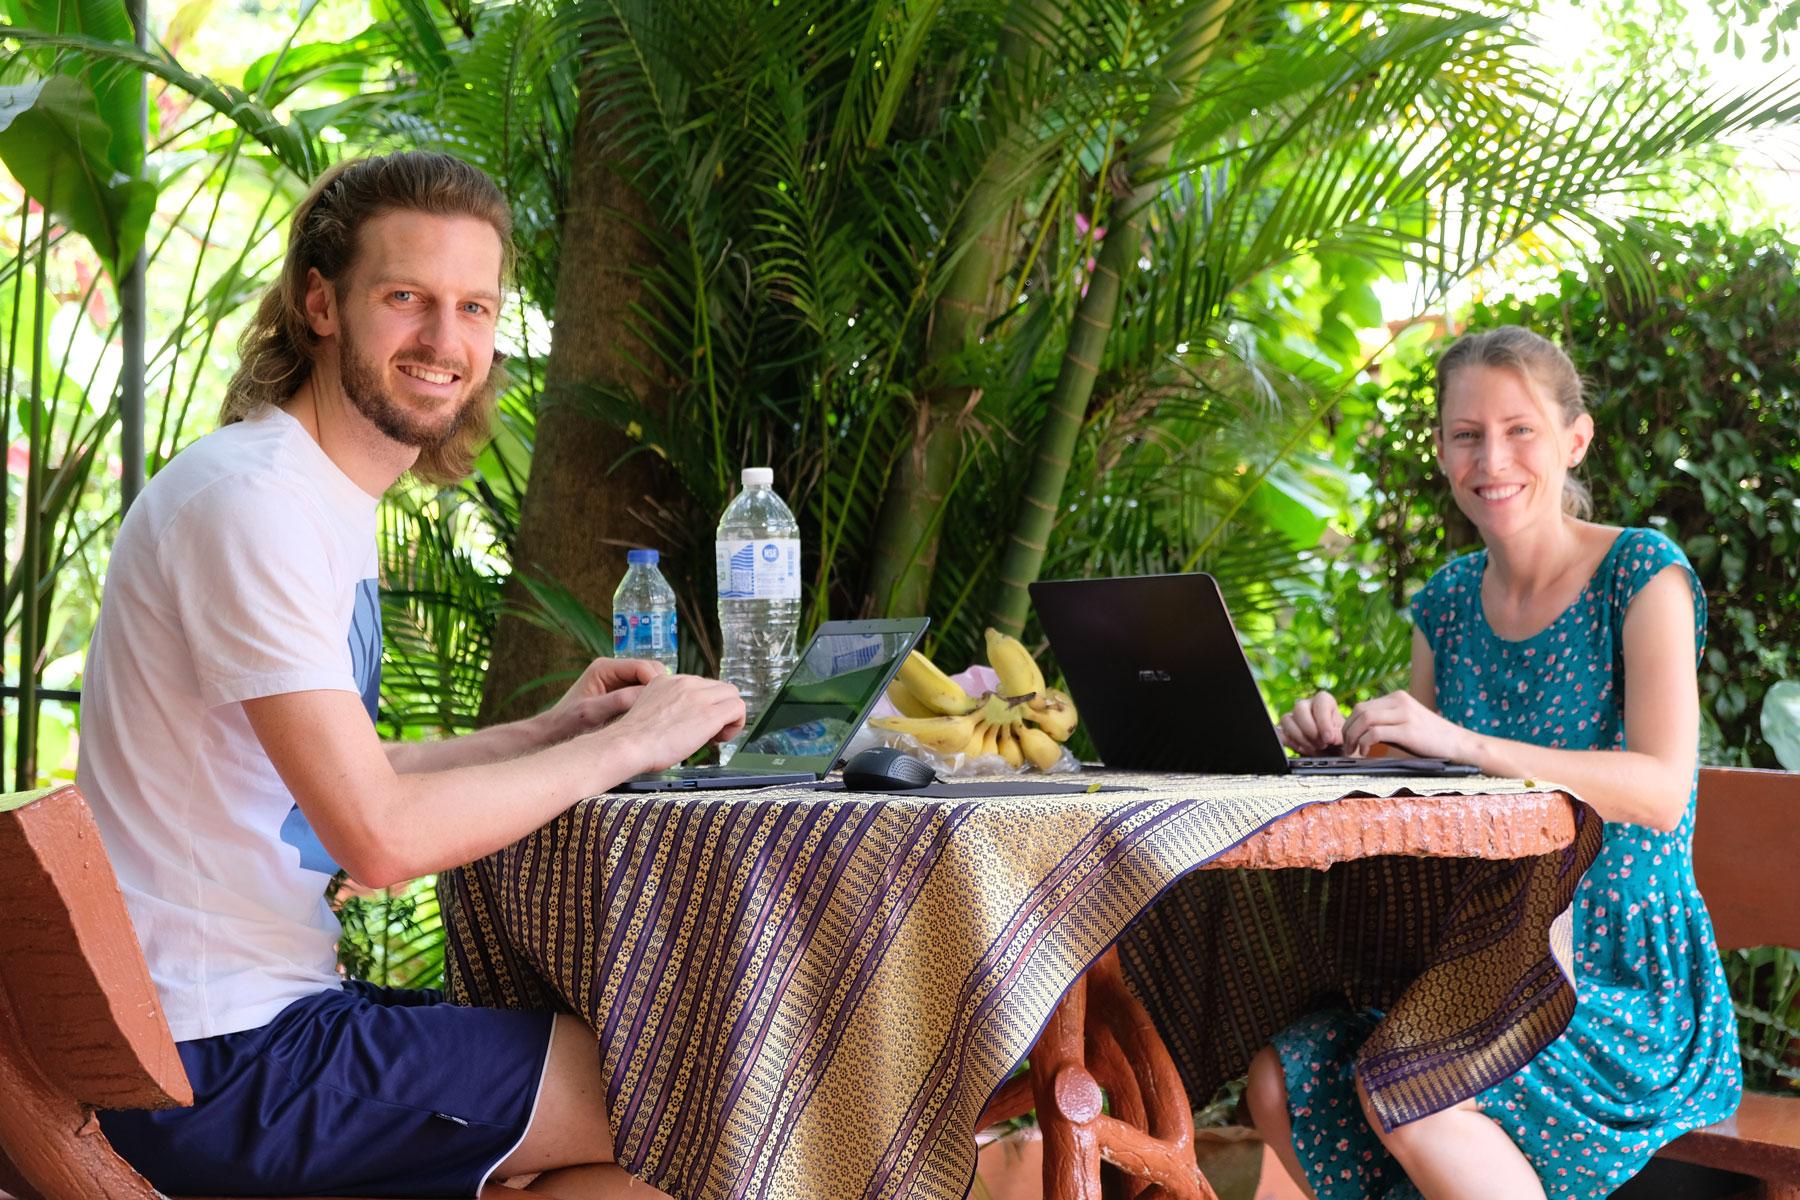 Sebastian und Leo sitzen an einem Tisch, auf dem ihre Laptops stehen.